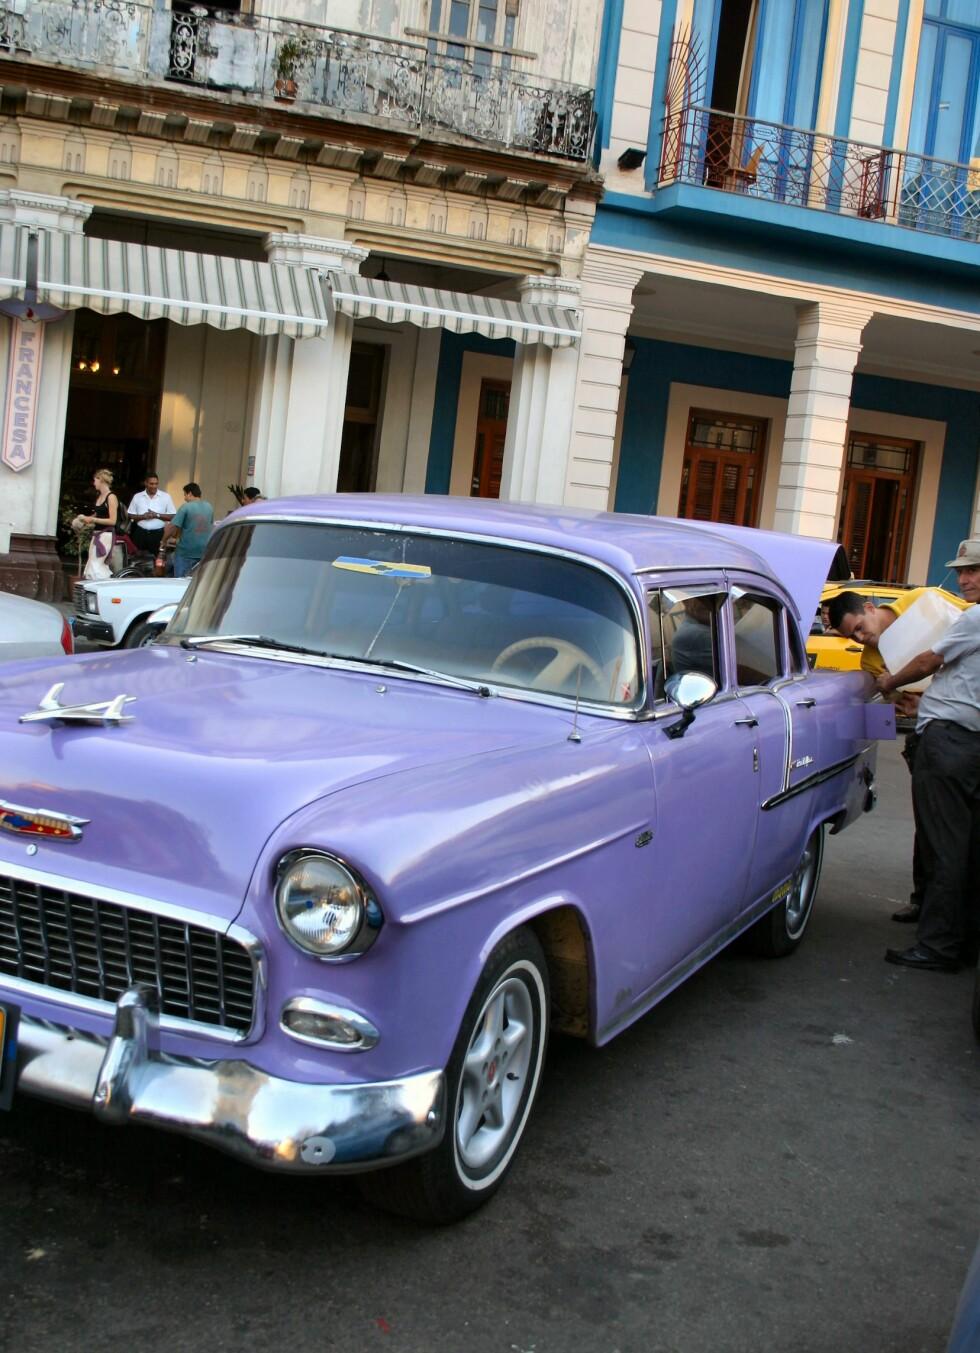 Drømmen er et amerikansk glis. Selv om det finnes mange av dem på Cuba, er det få som har råd til egen bil. Foto: Tove Andersson